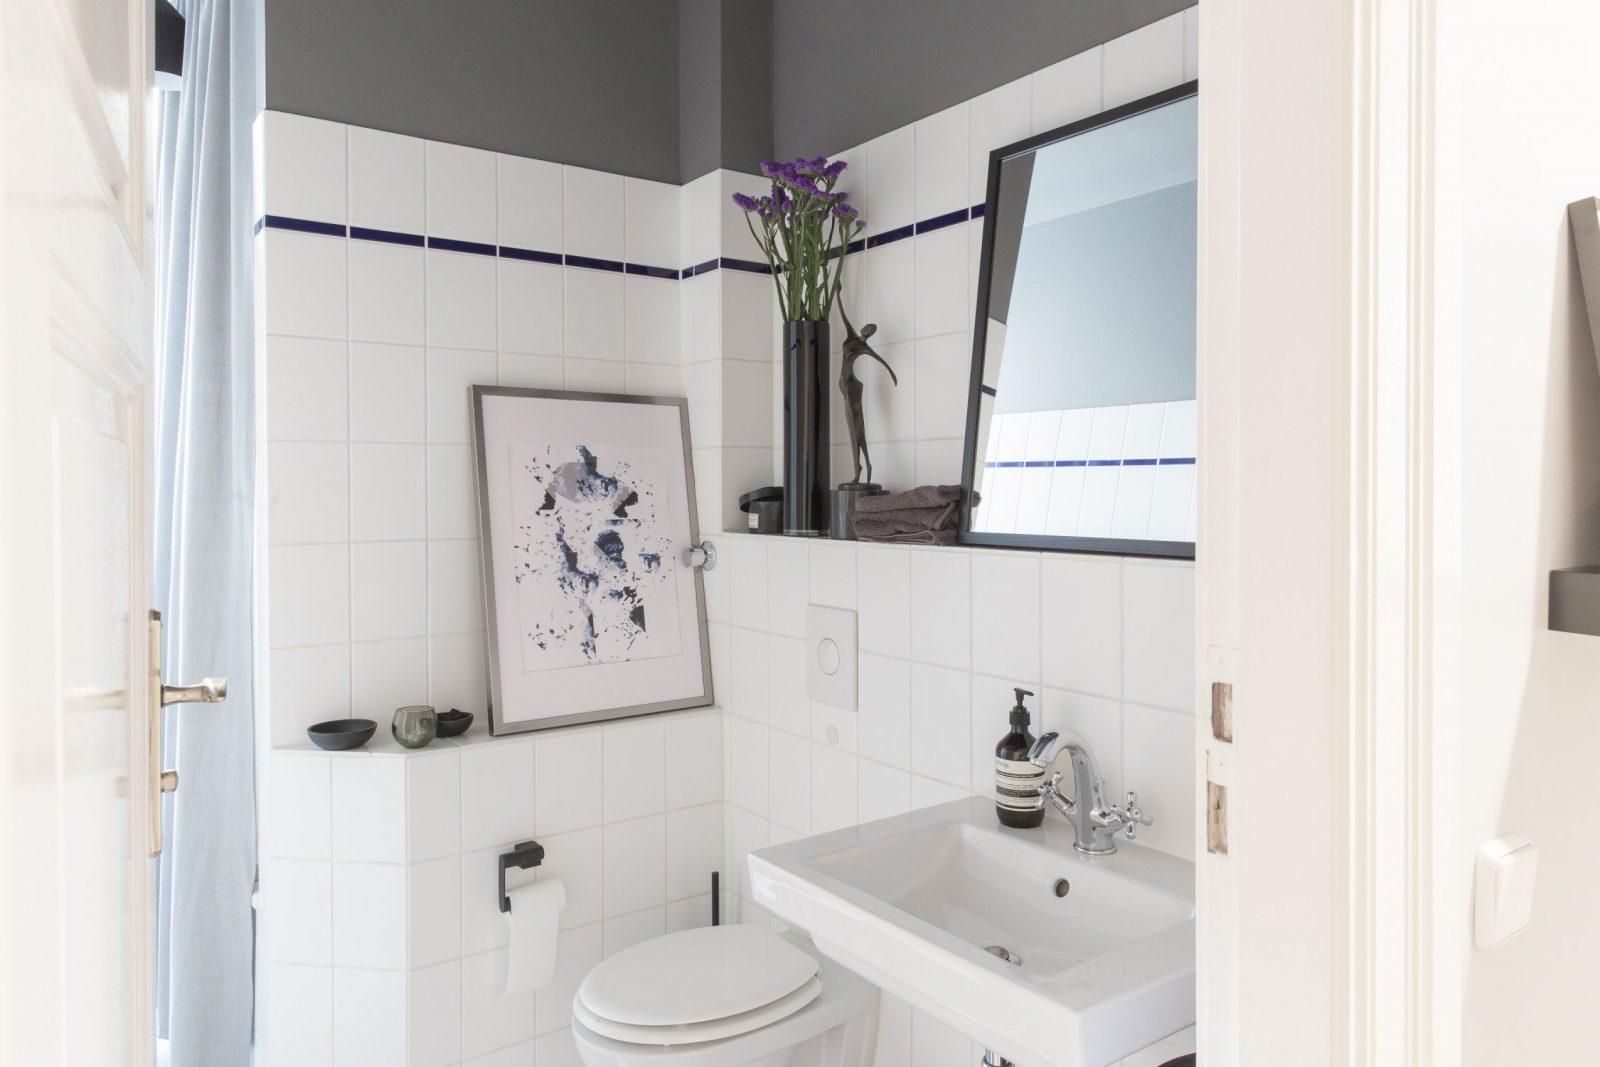 wasserabweisende farbe fur dusche. Black Bedroom Furniture Sets. Home Design Ideas